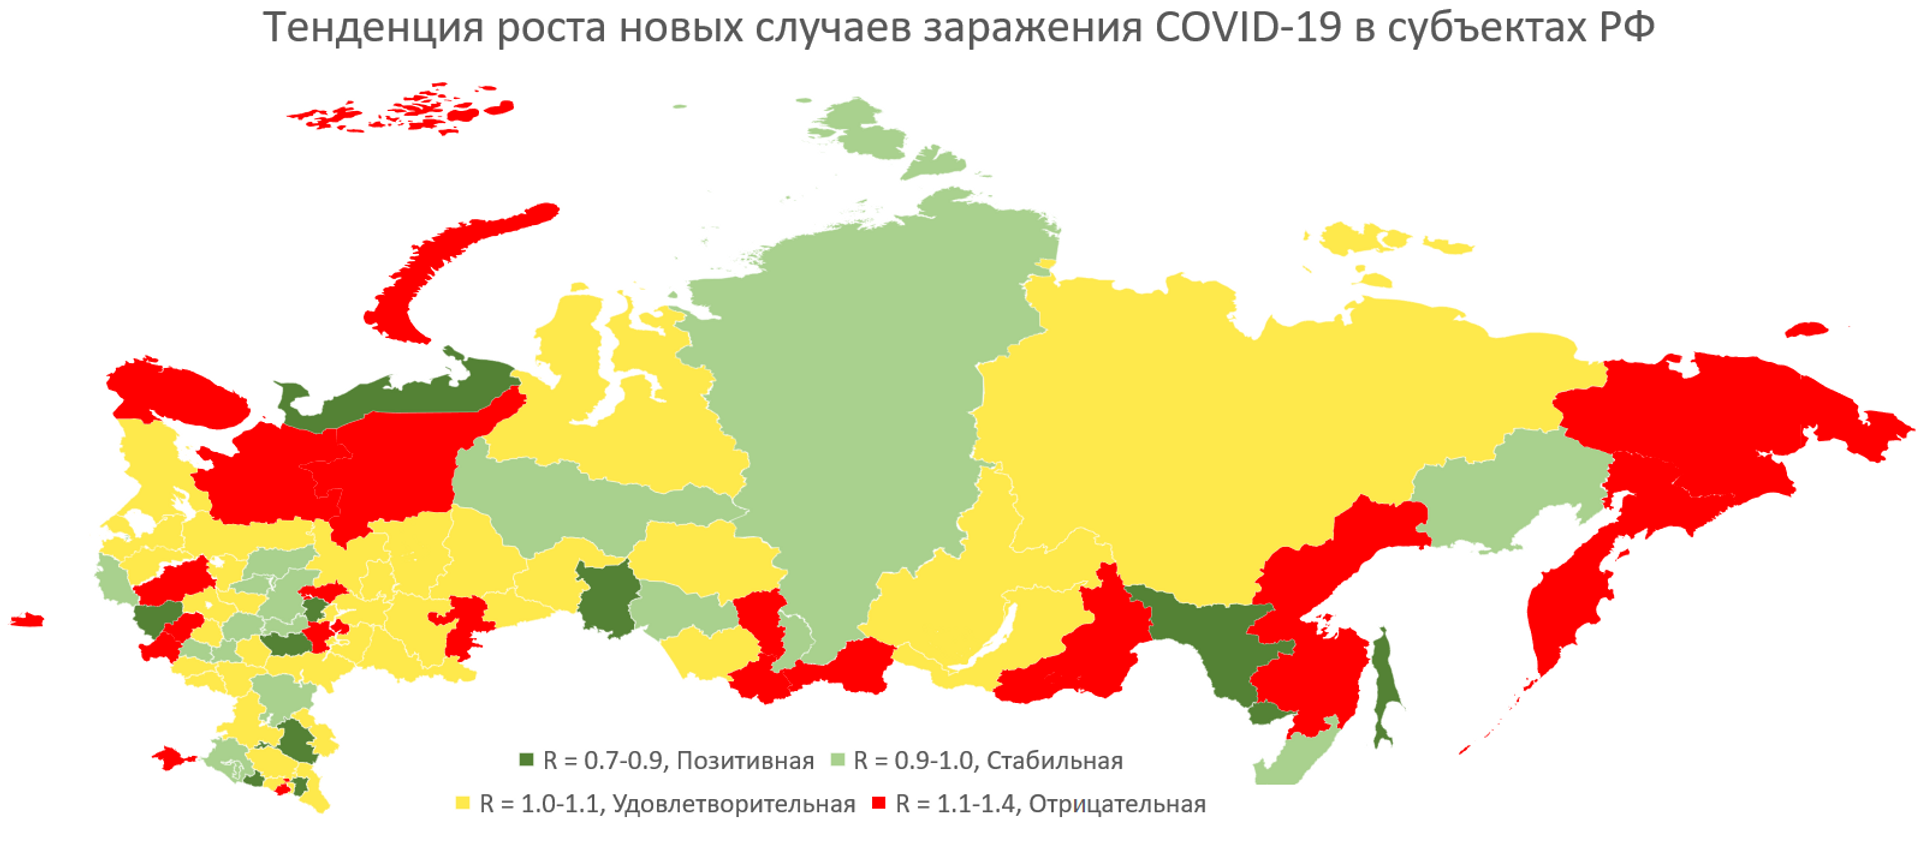 Эксперт сообщил об опасной тенденции с COVID-19 в регионах России